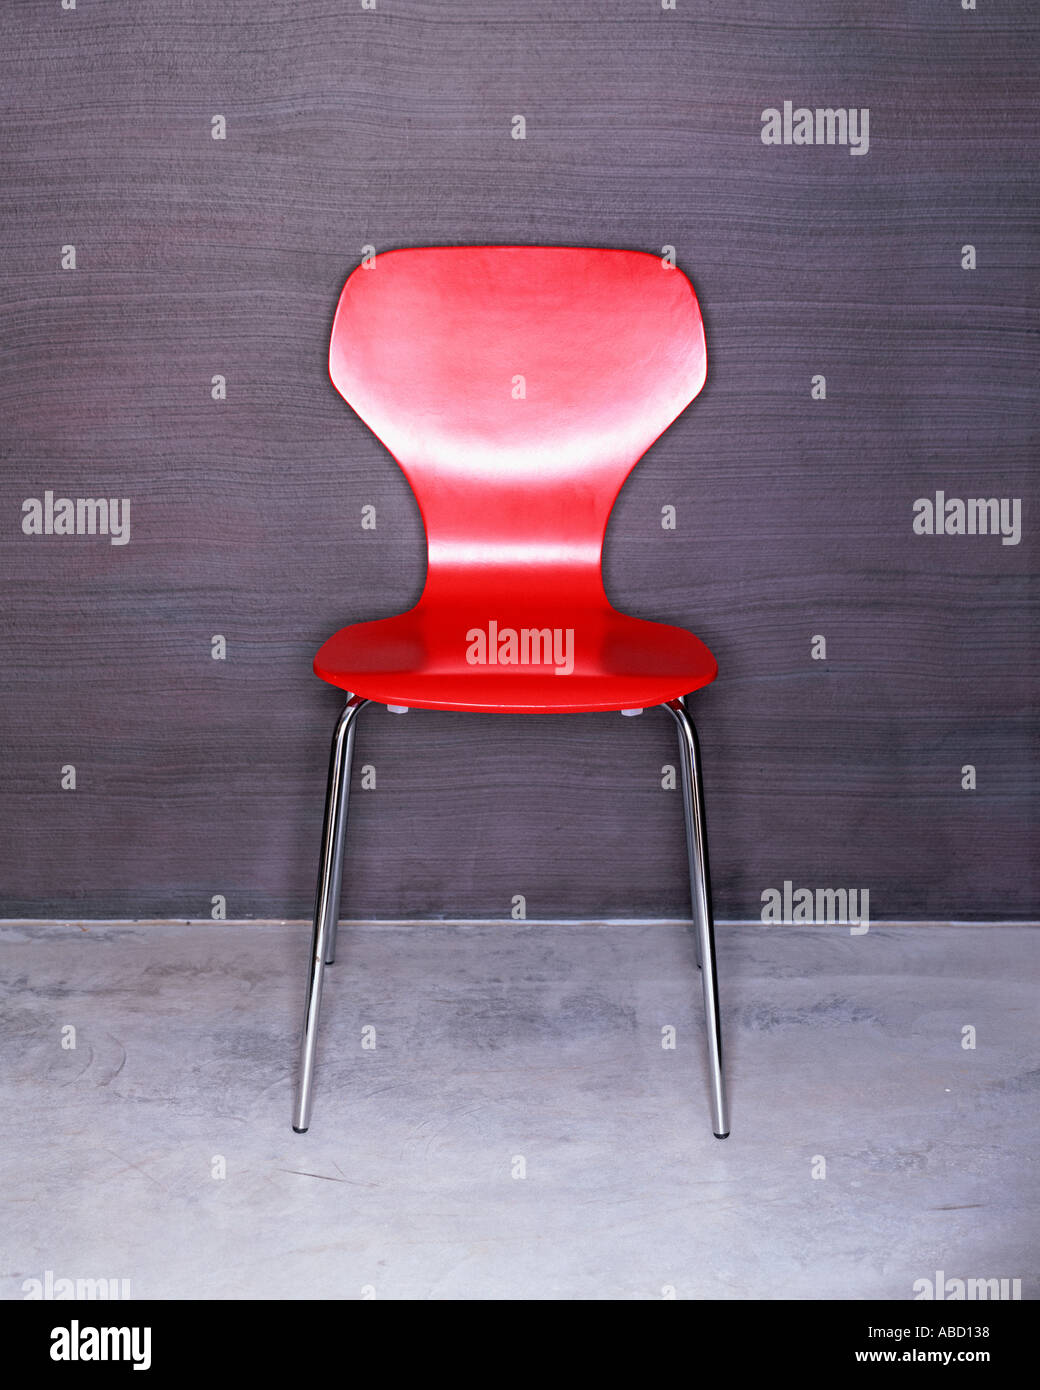 Einem trendigen roten Stuhl Stockbild